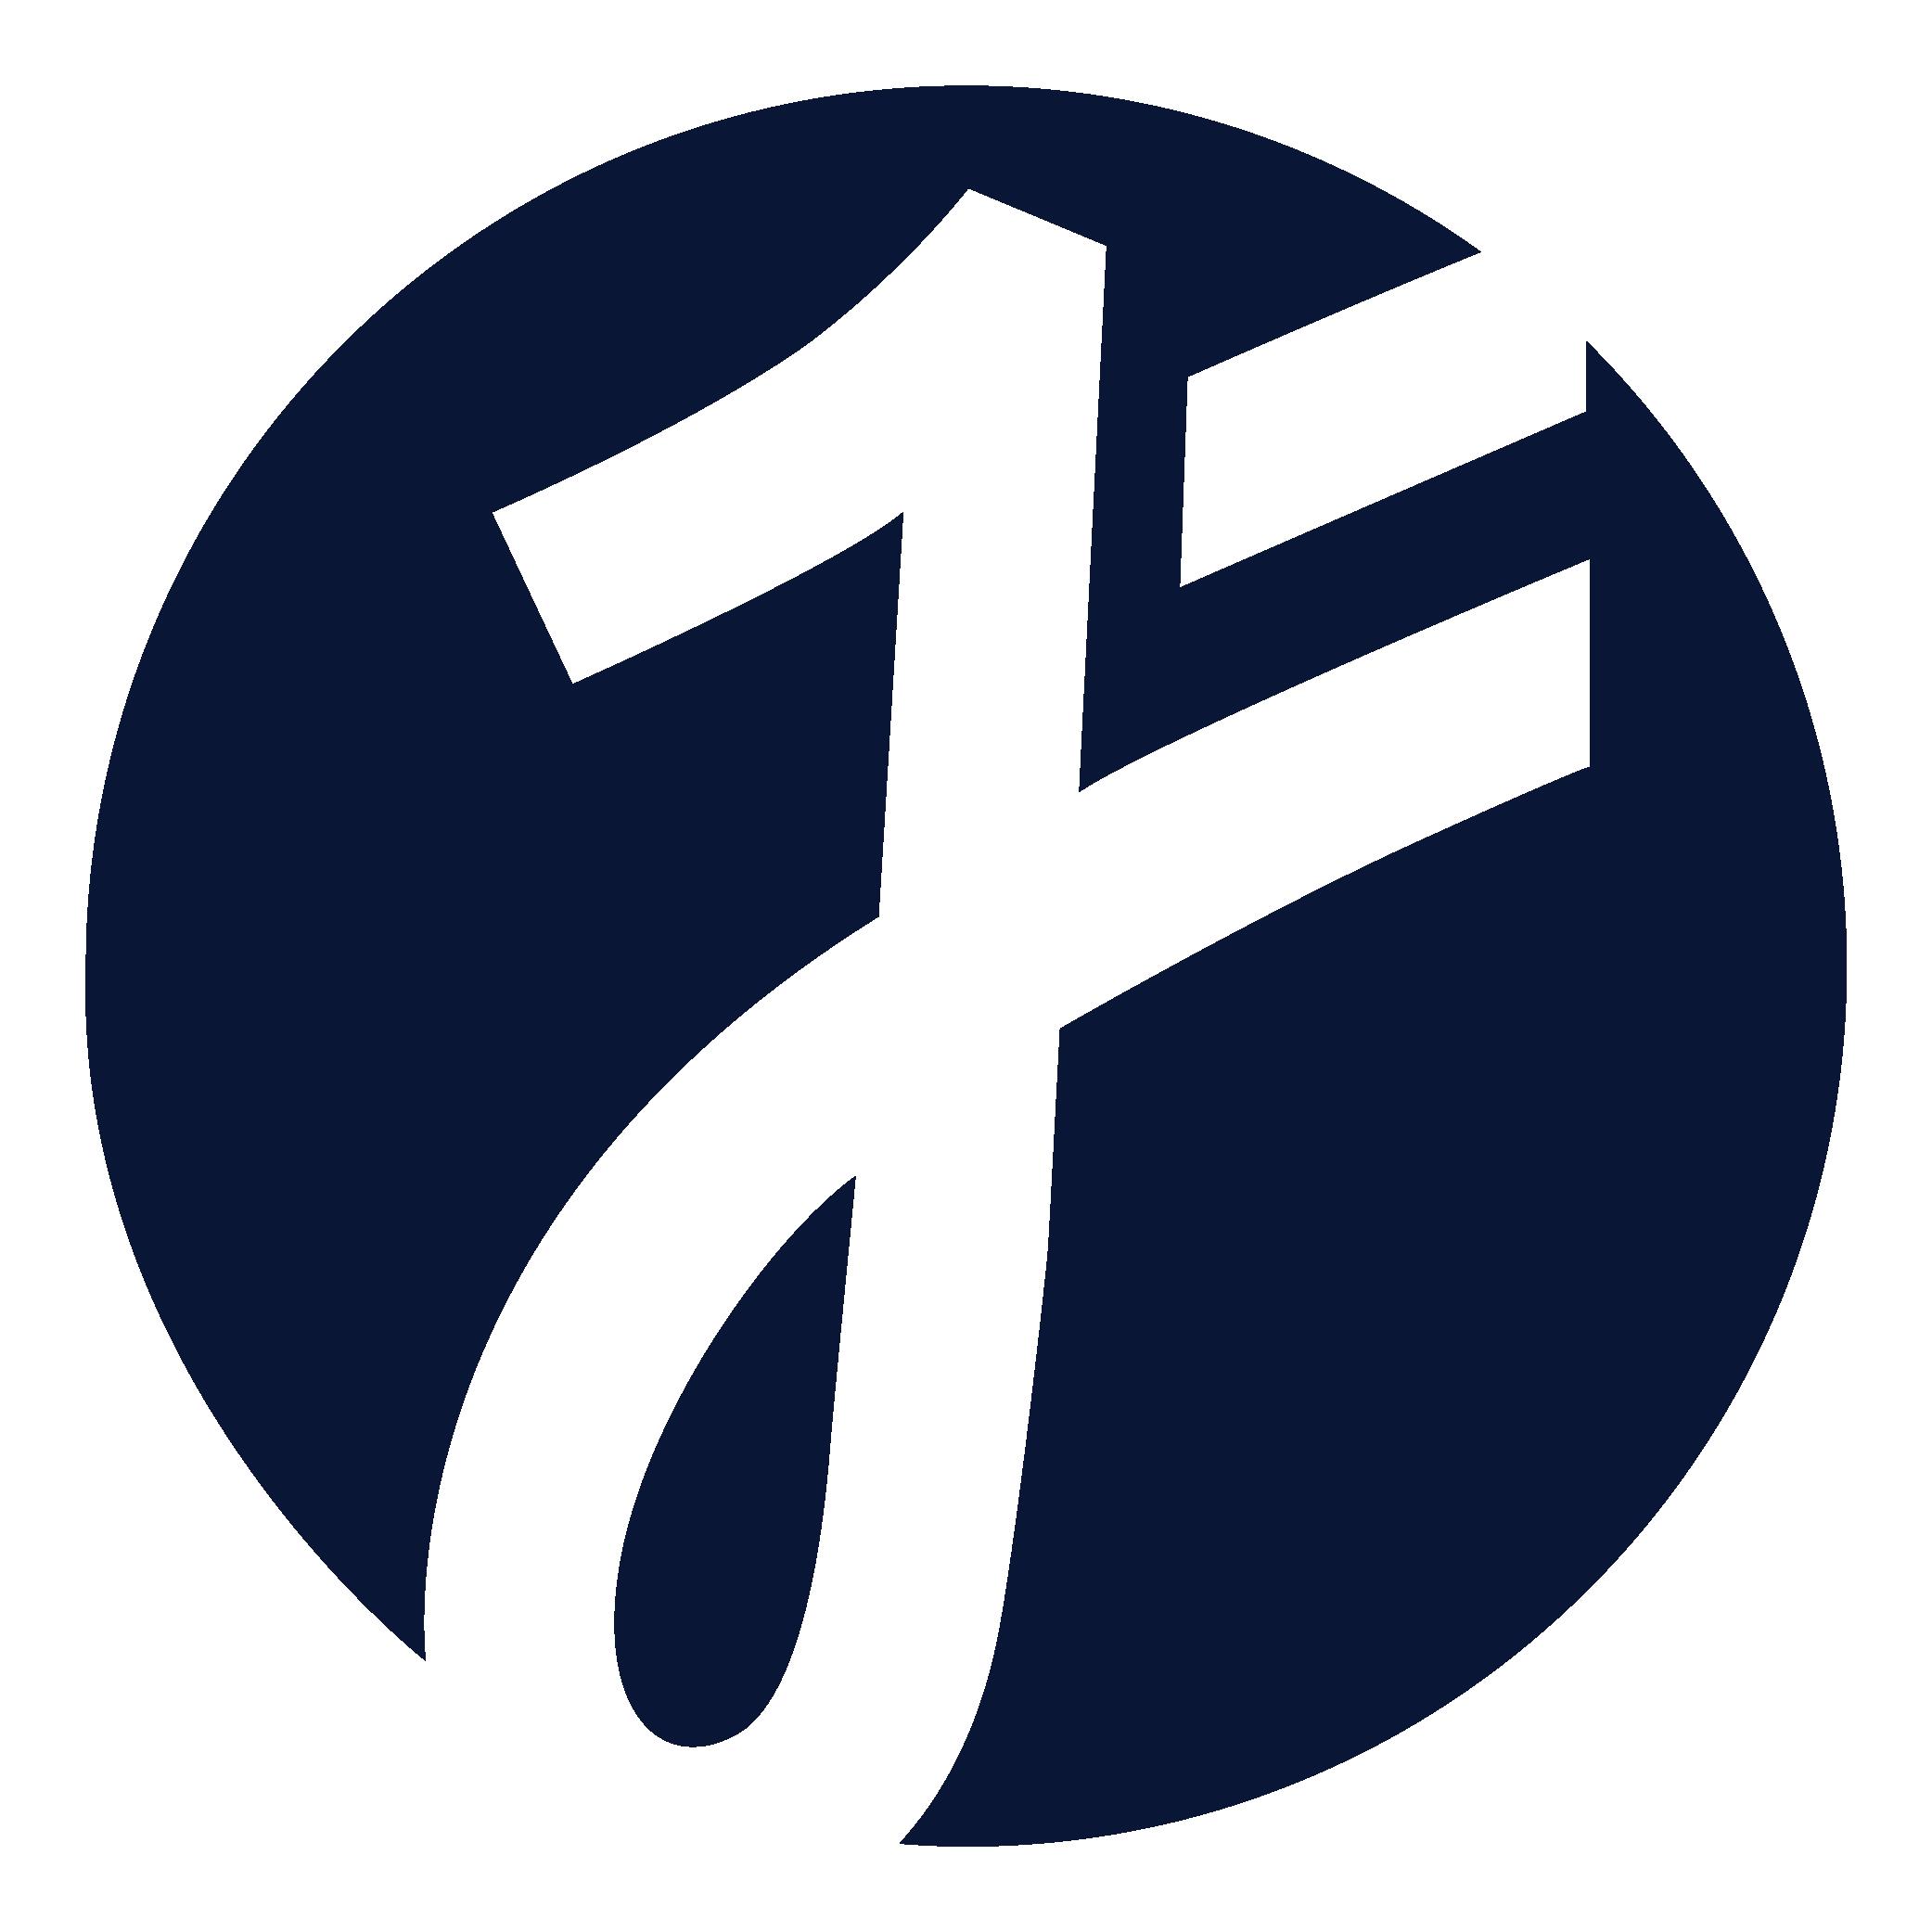 Standard Insignia